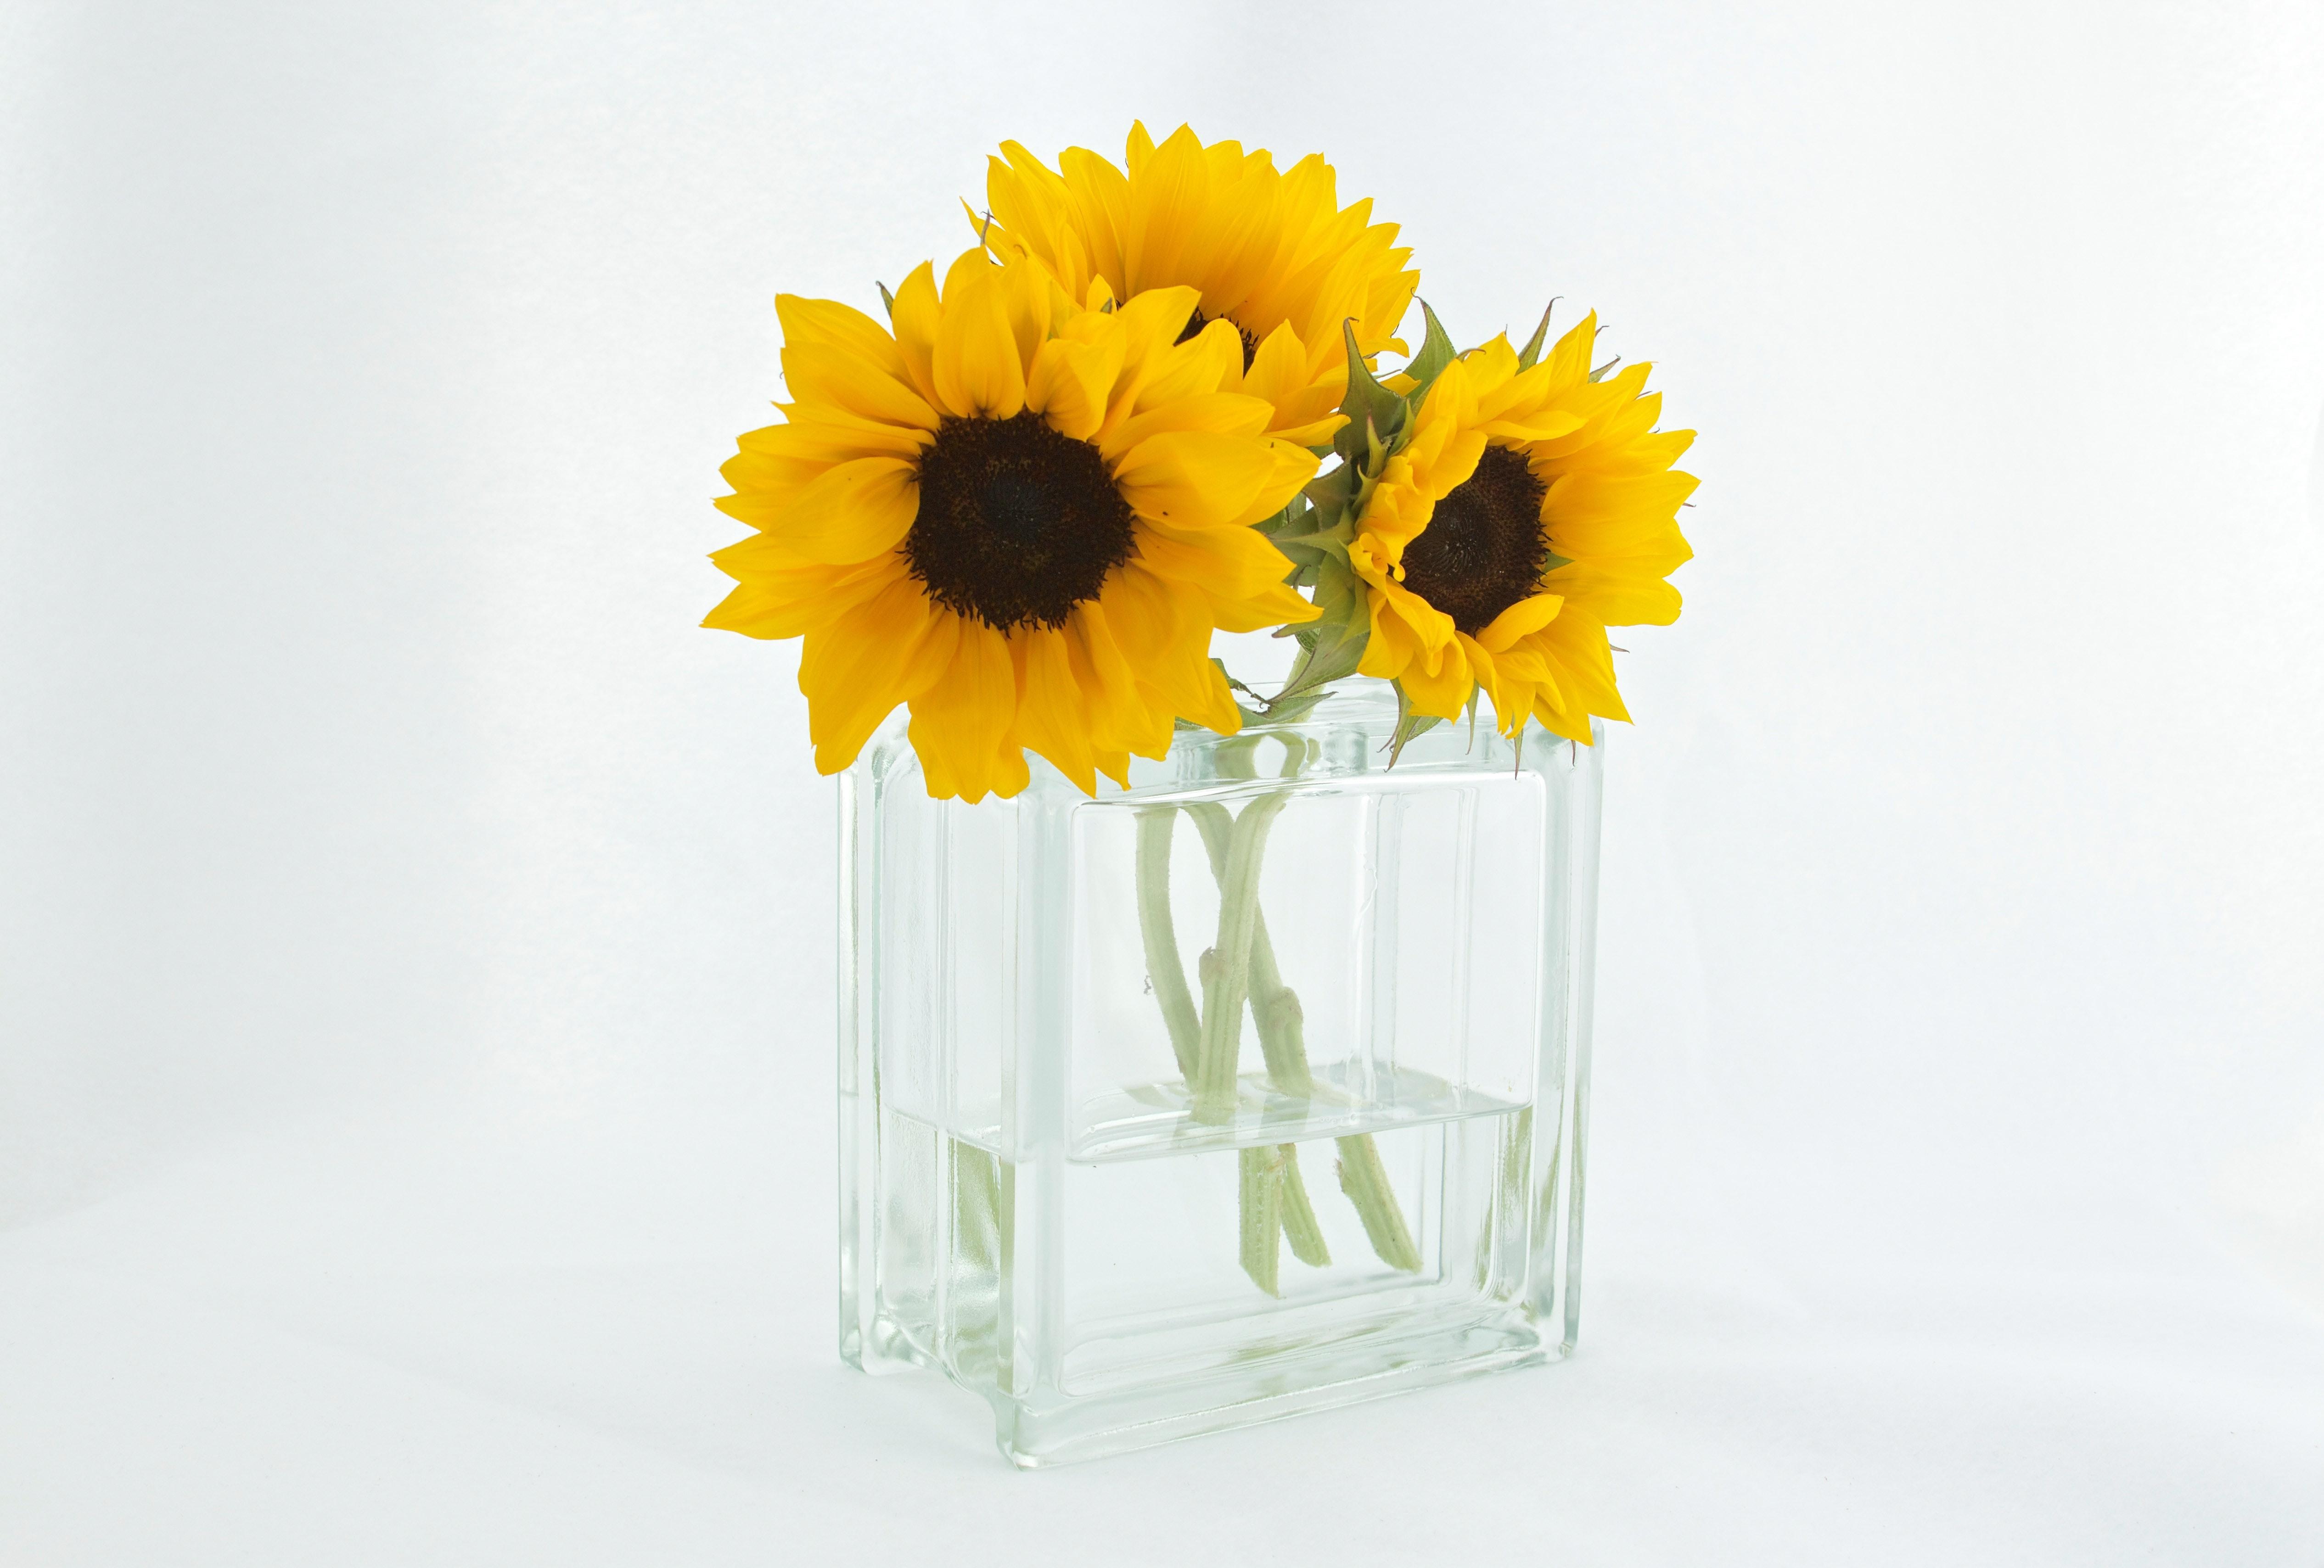 flowers-sunflowers-vase-12581